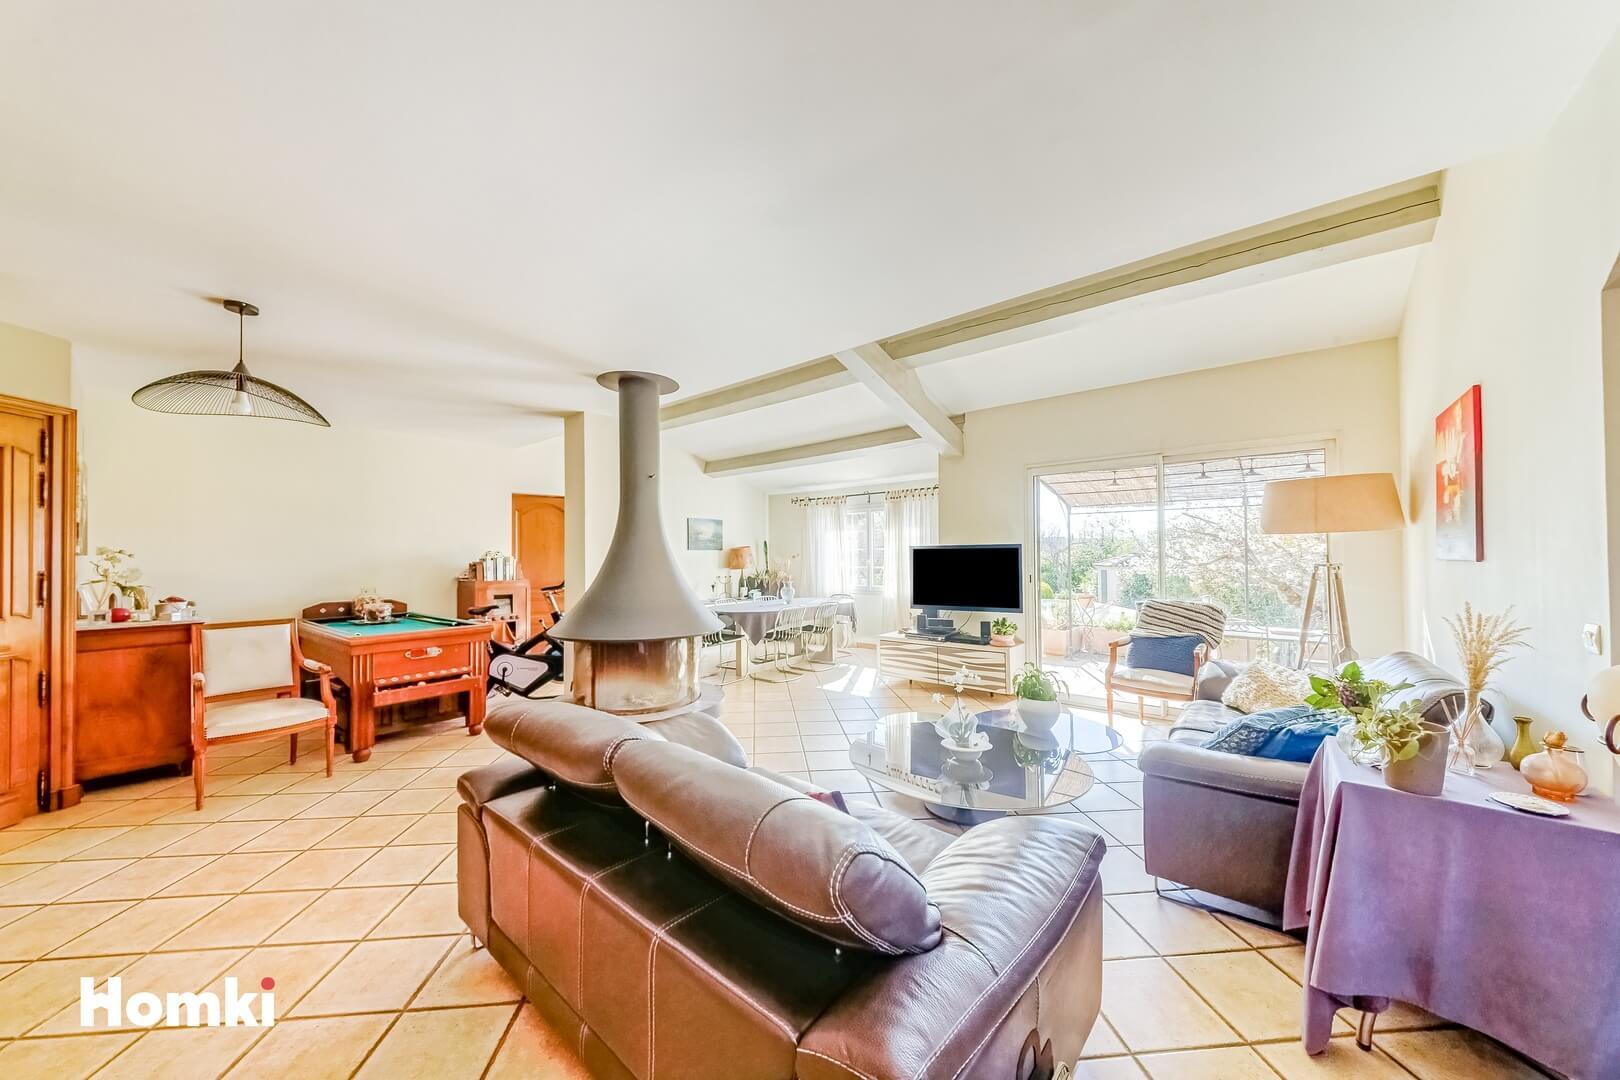 Homki - Vente Maison/villa  de 130.0 m² à Marseille 13013